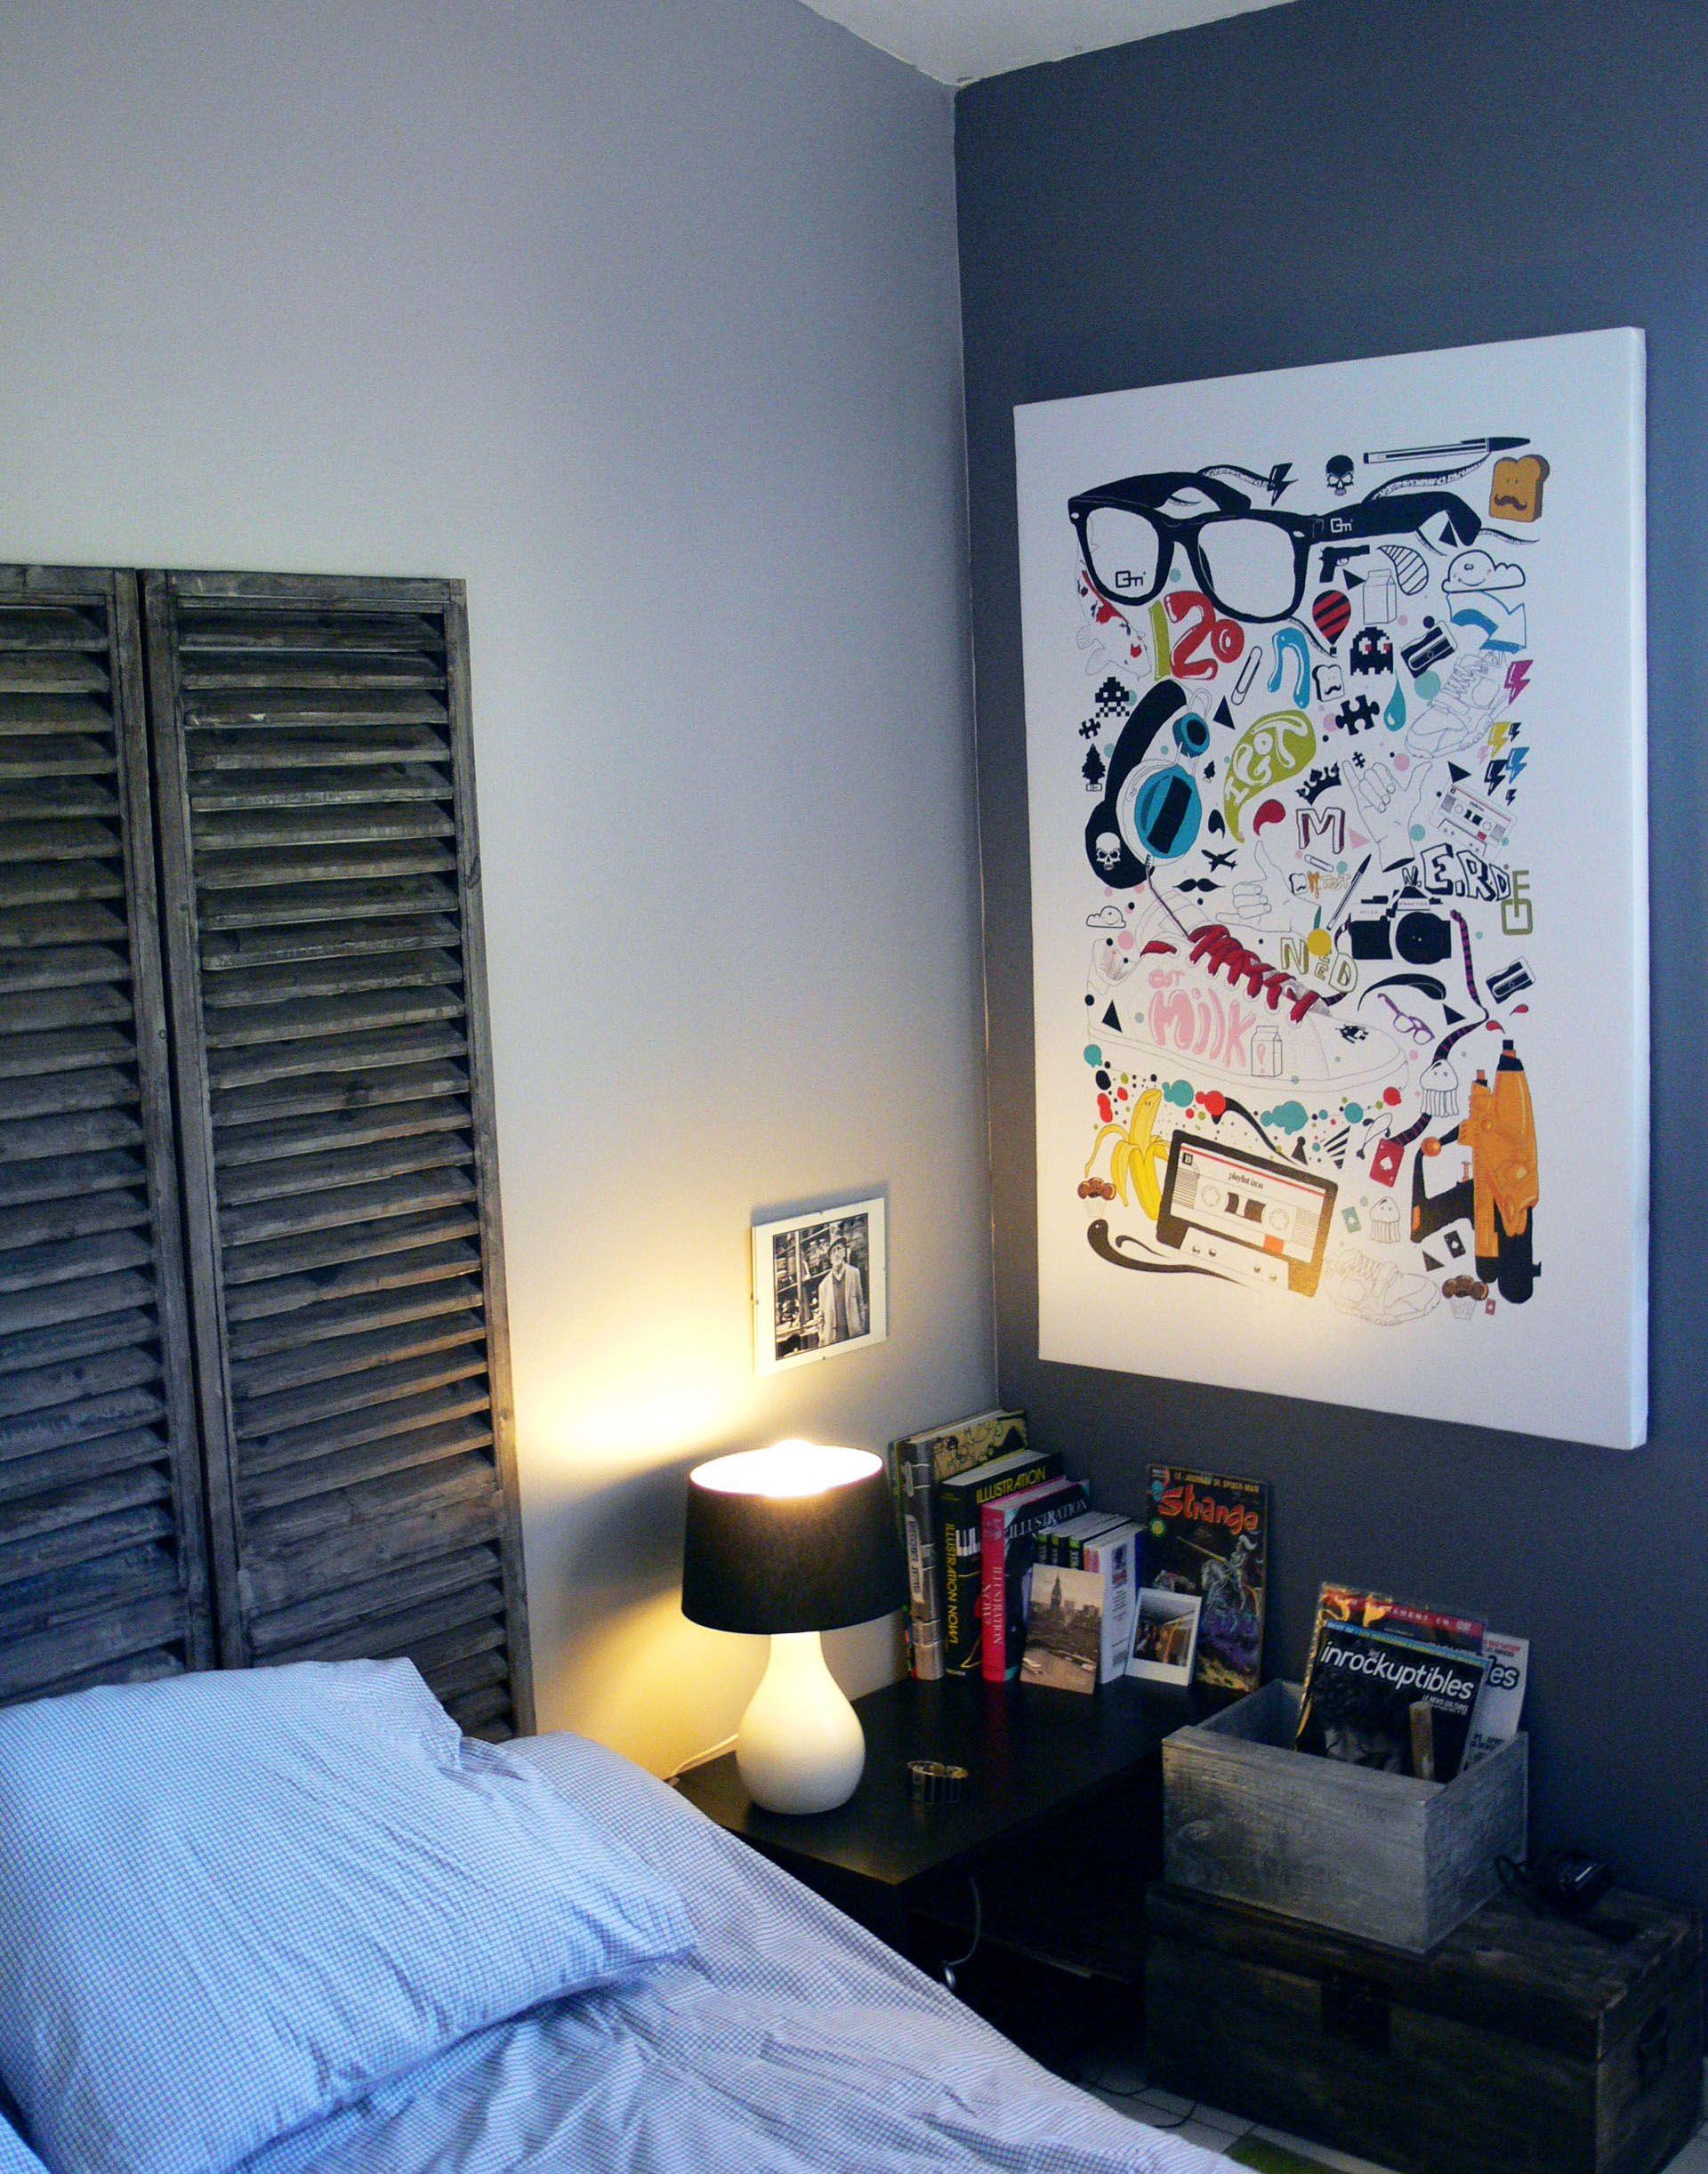 Chambre Design Avec Le Tableau My Bag By Mathieu Gazaix Decoration